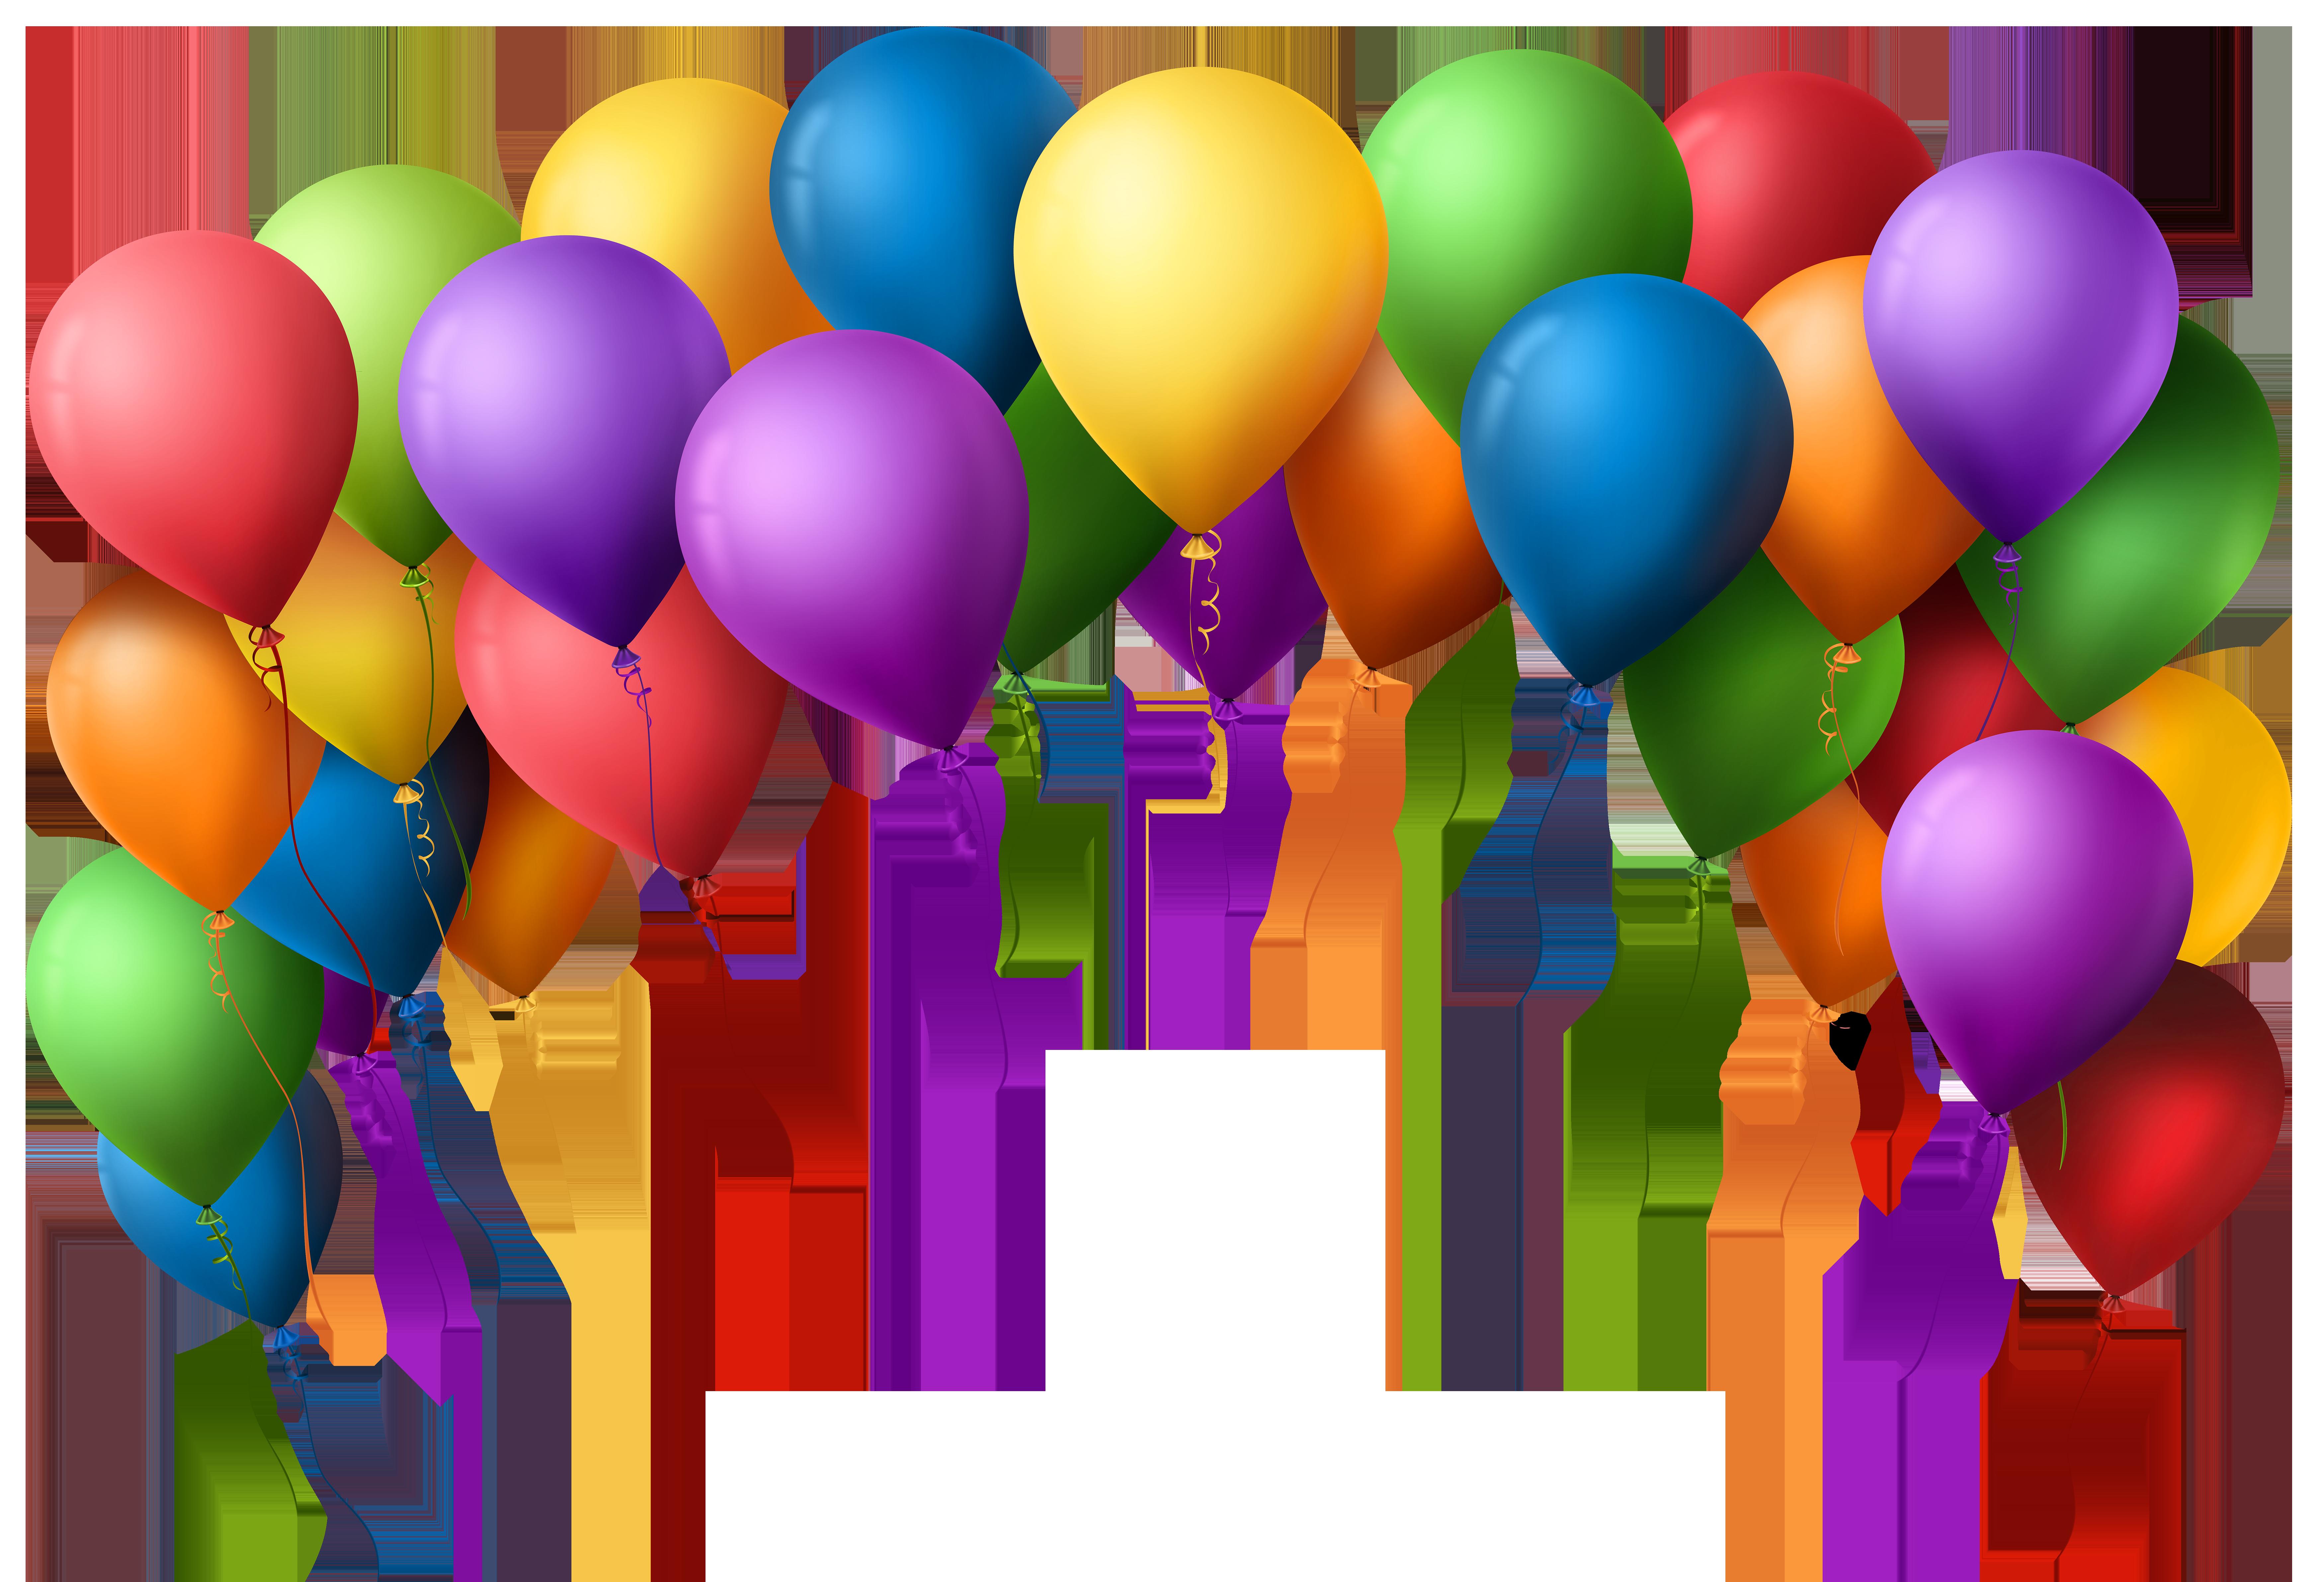 7000x4766 Arch Clipart Birthday Confetti